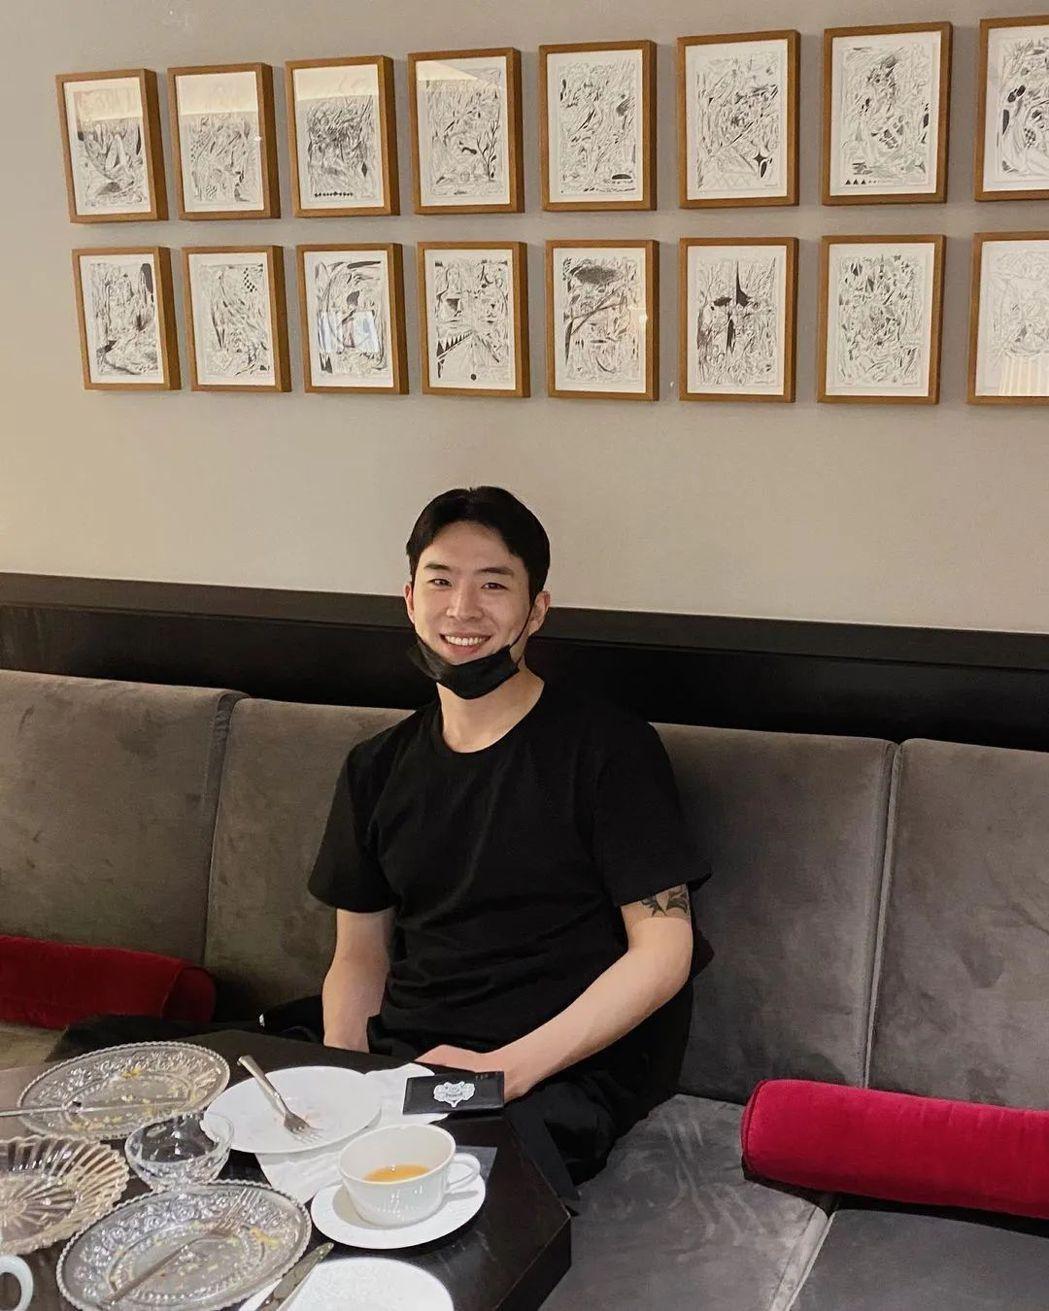 韓藝瑟日前公開認愛的嫩男友神似李帝勳。圖/摘自IG